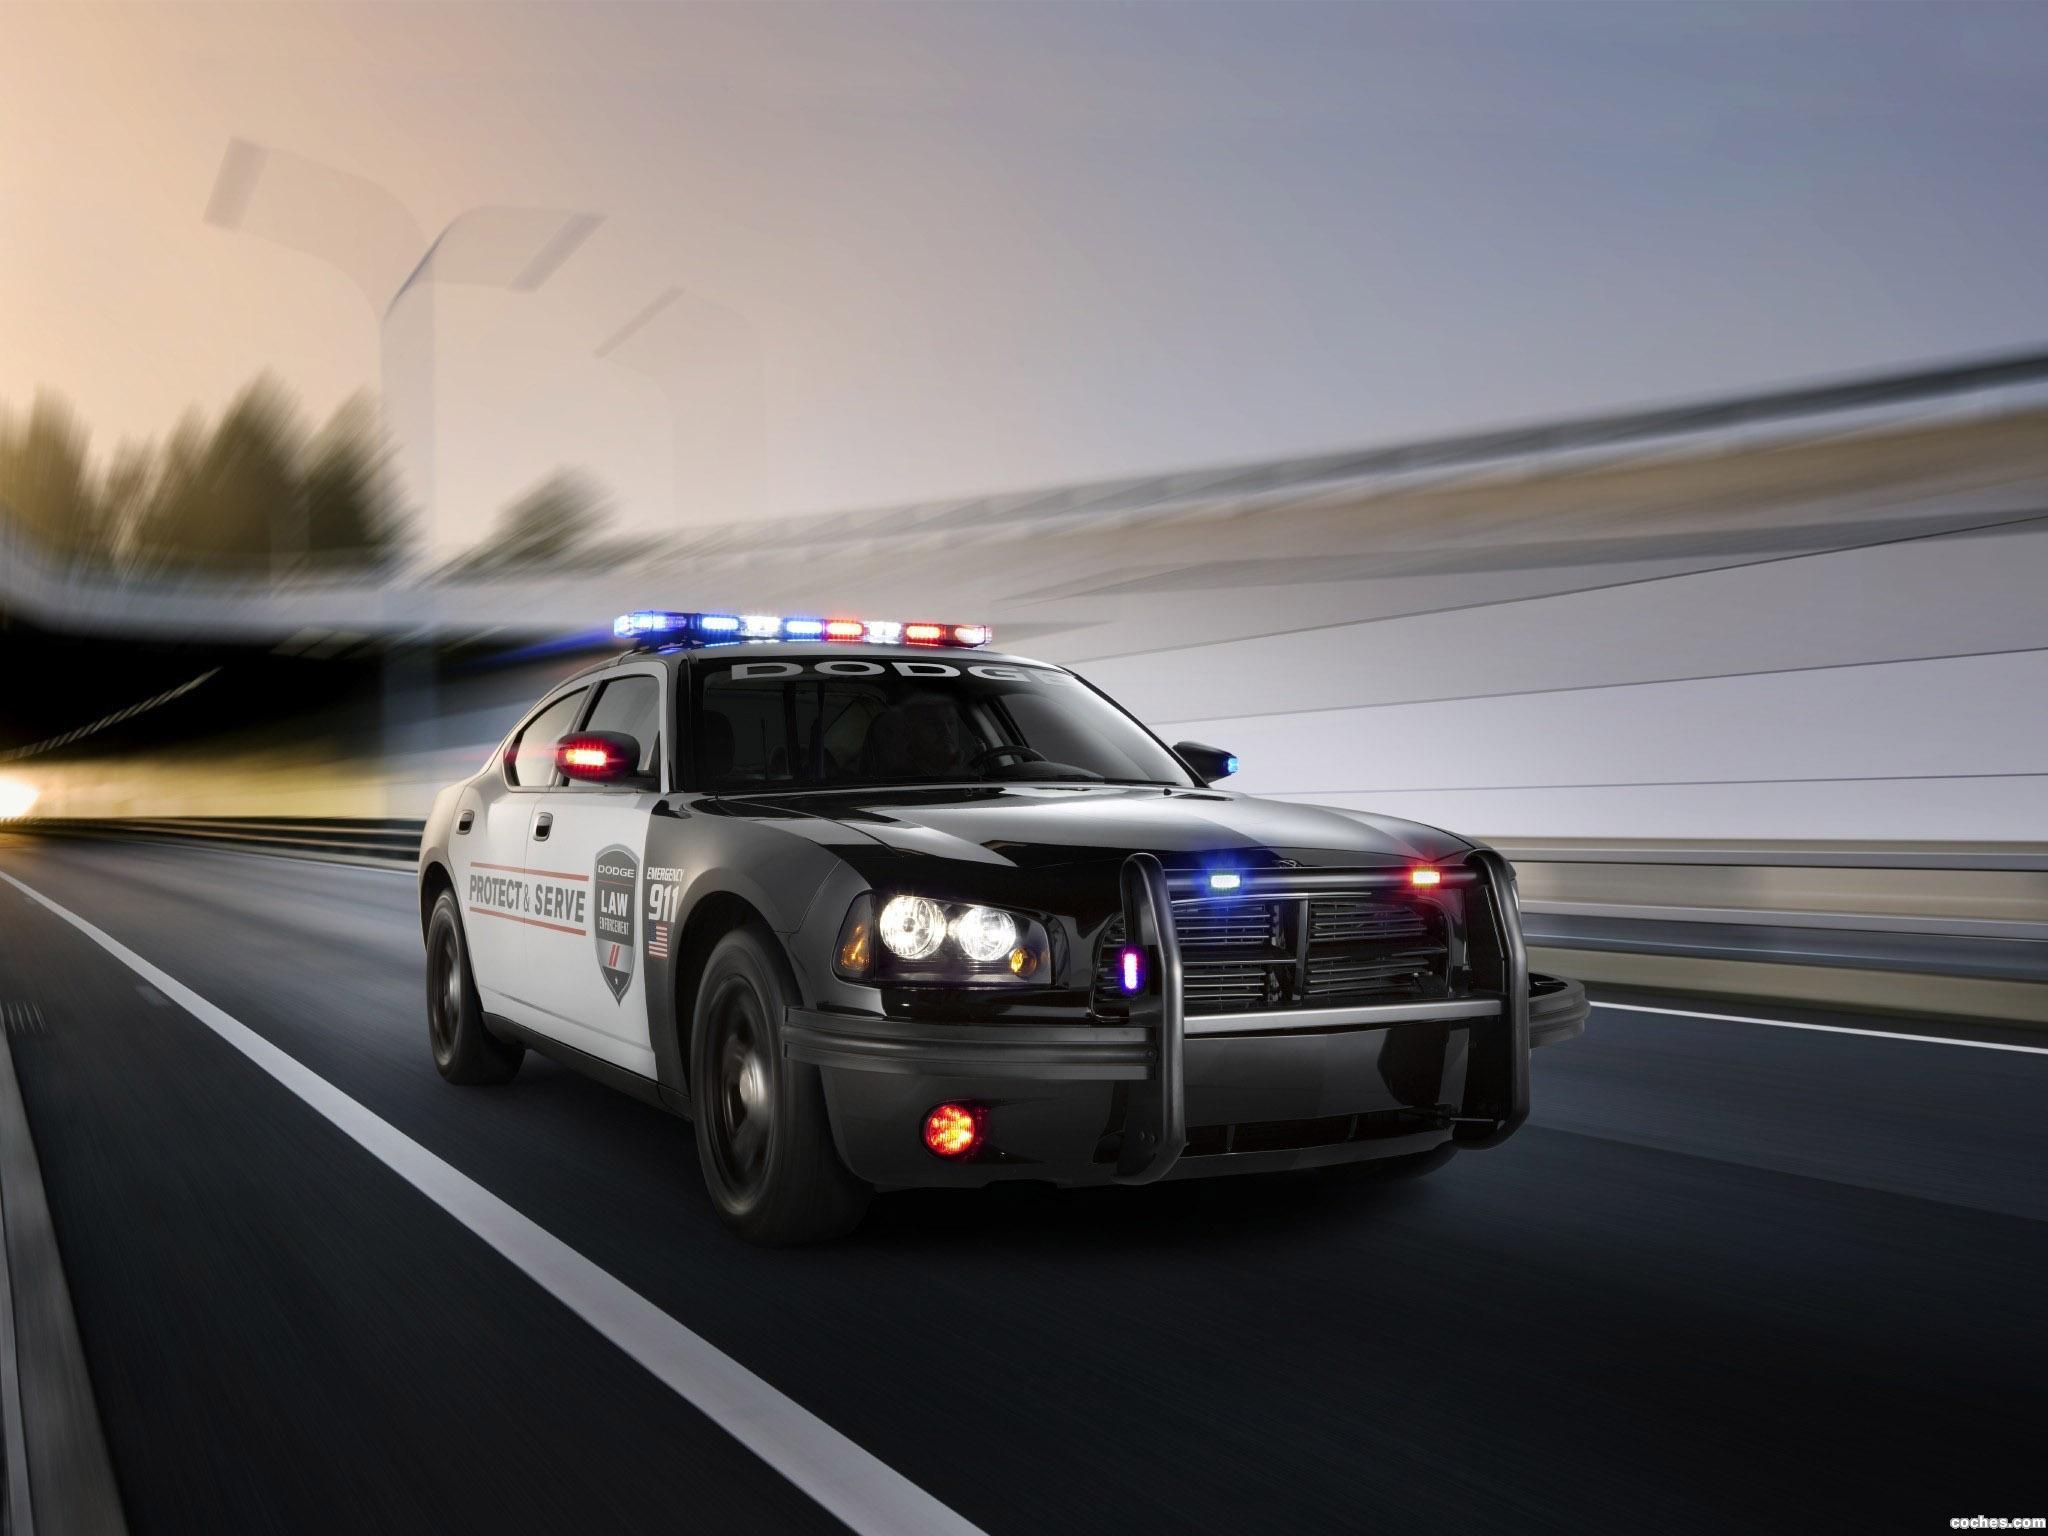 Foto 2 de Dodge Charger Pursuit Police 2010